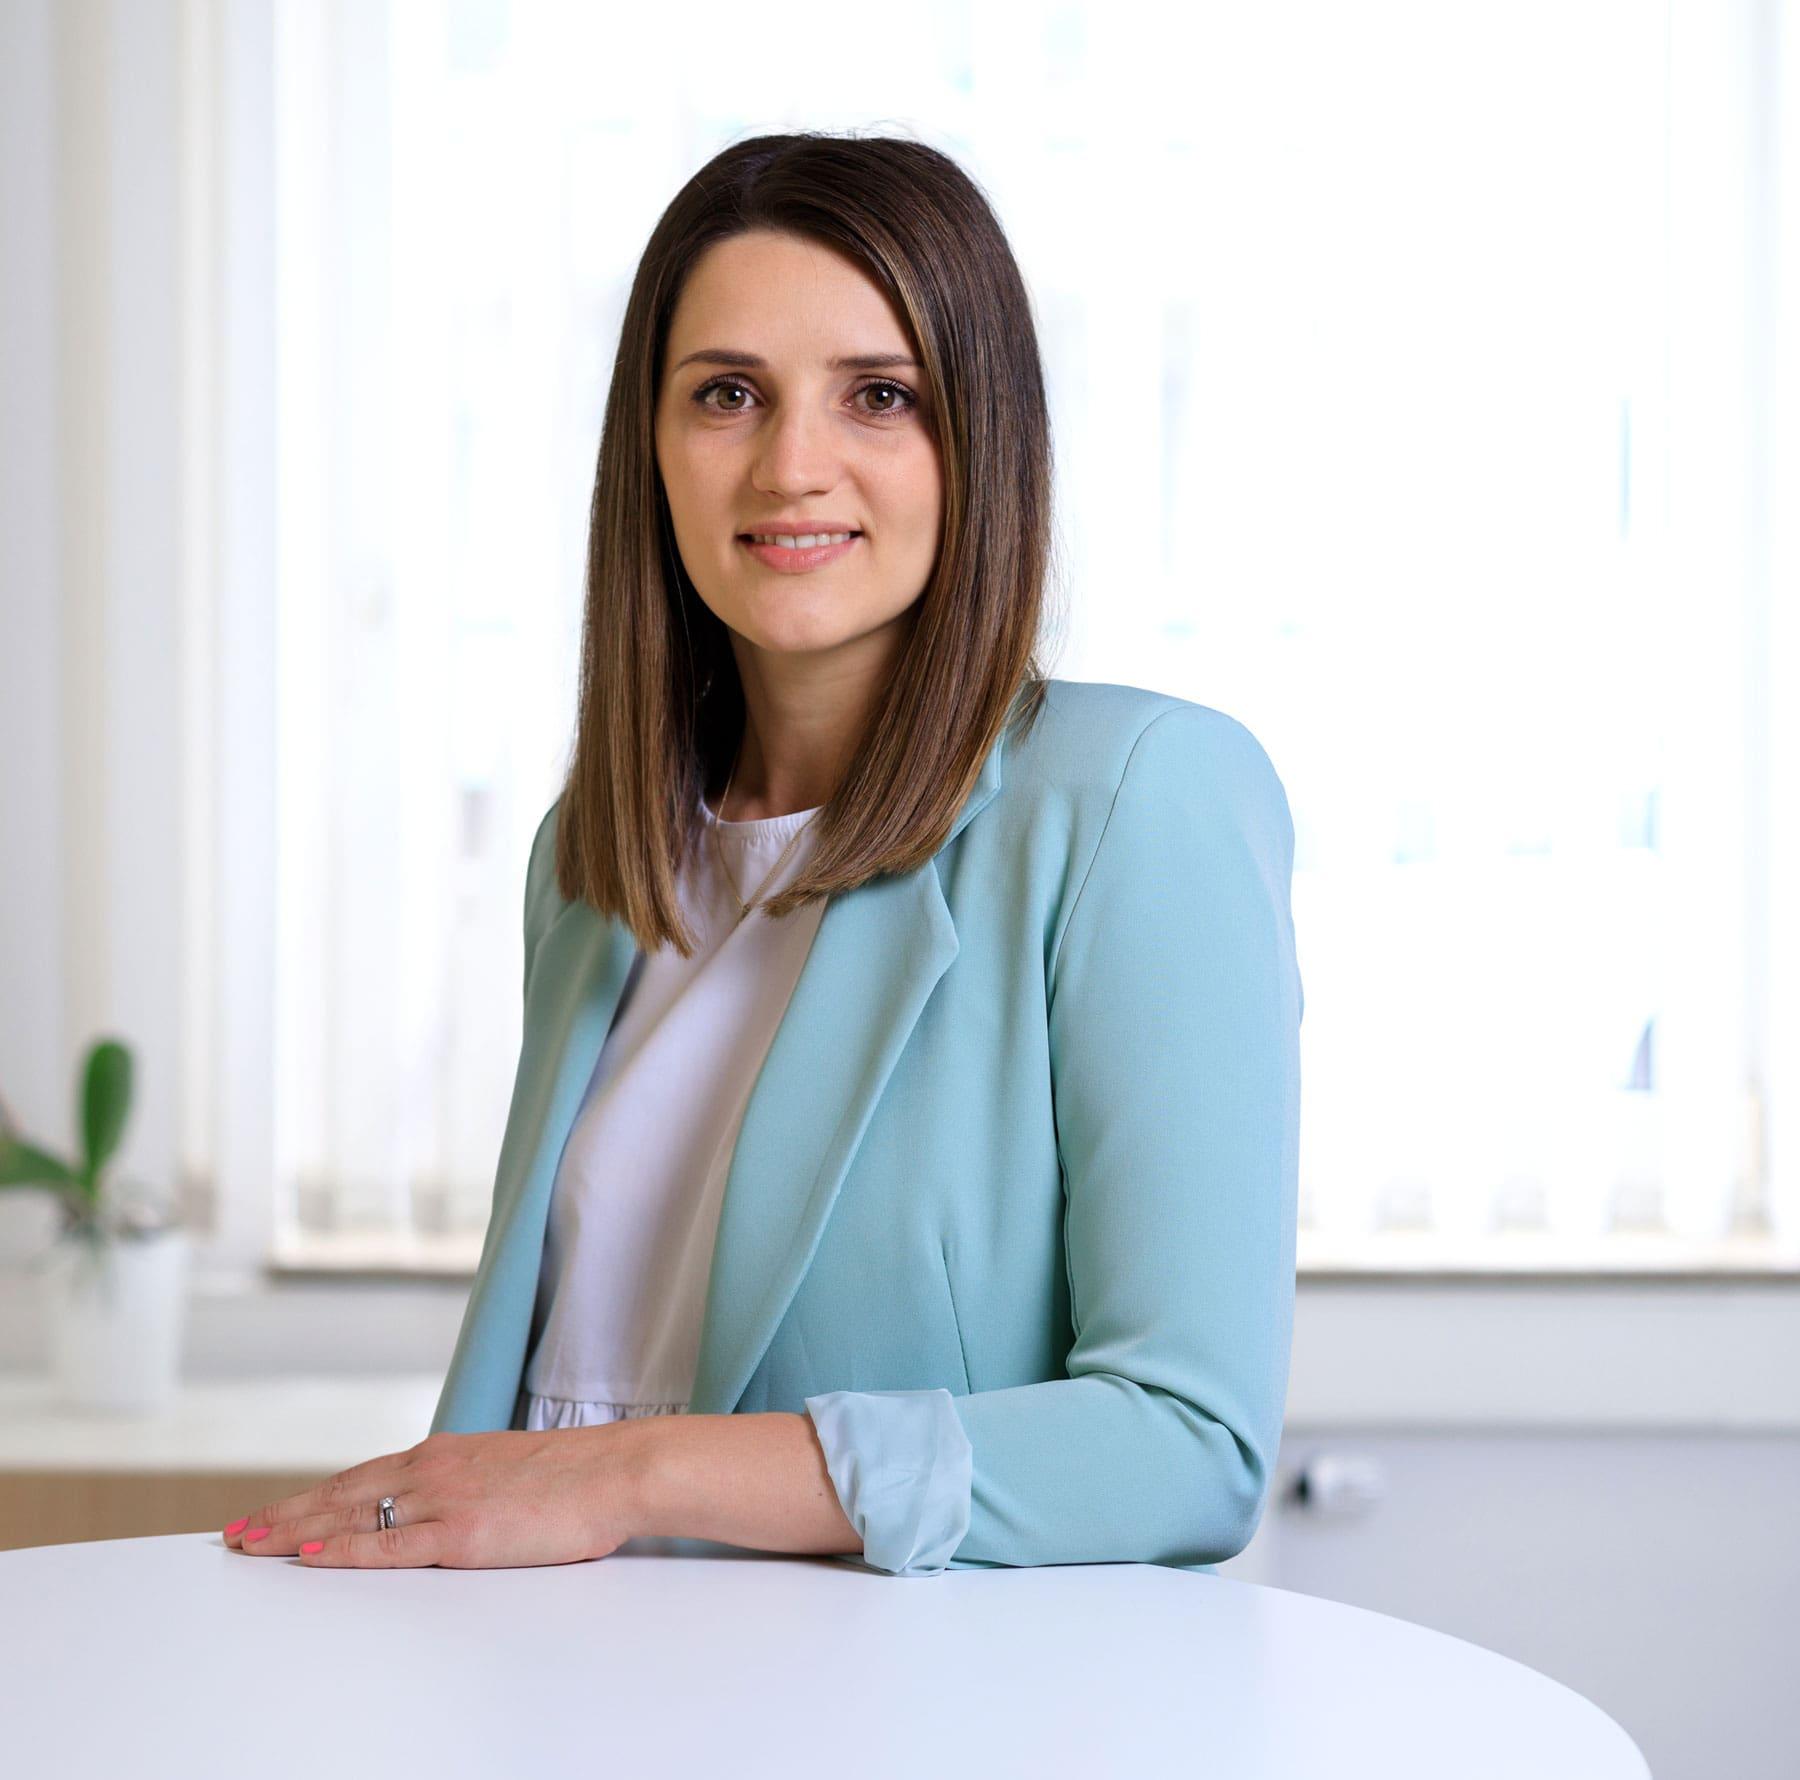 Irene Jaufmann, Assistenz GL